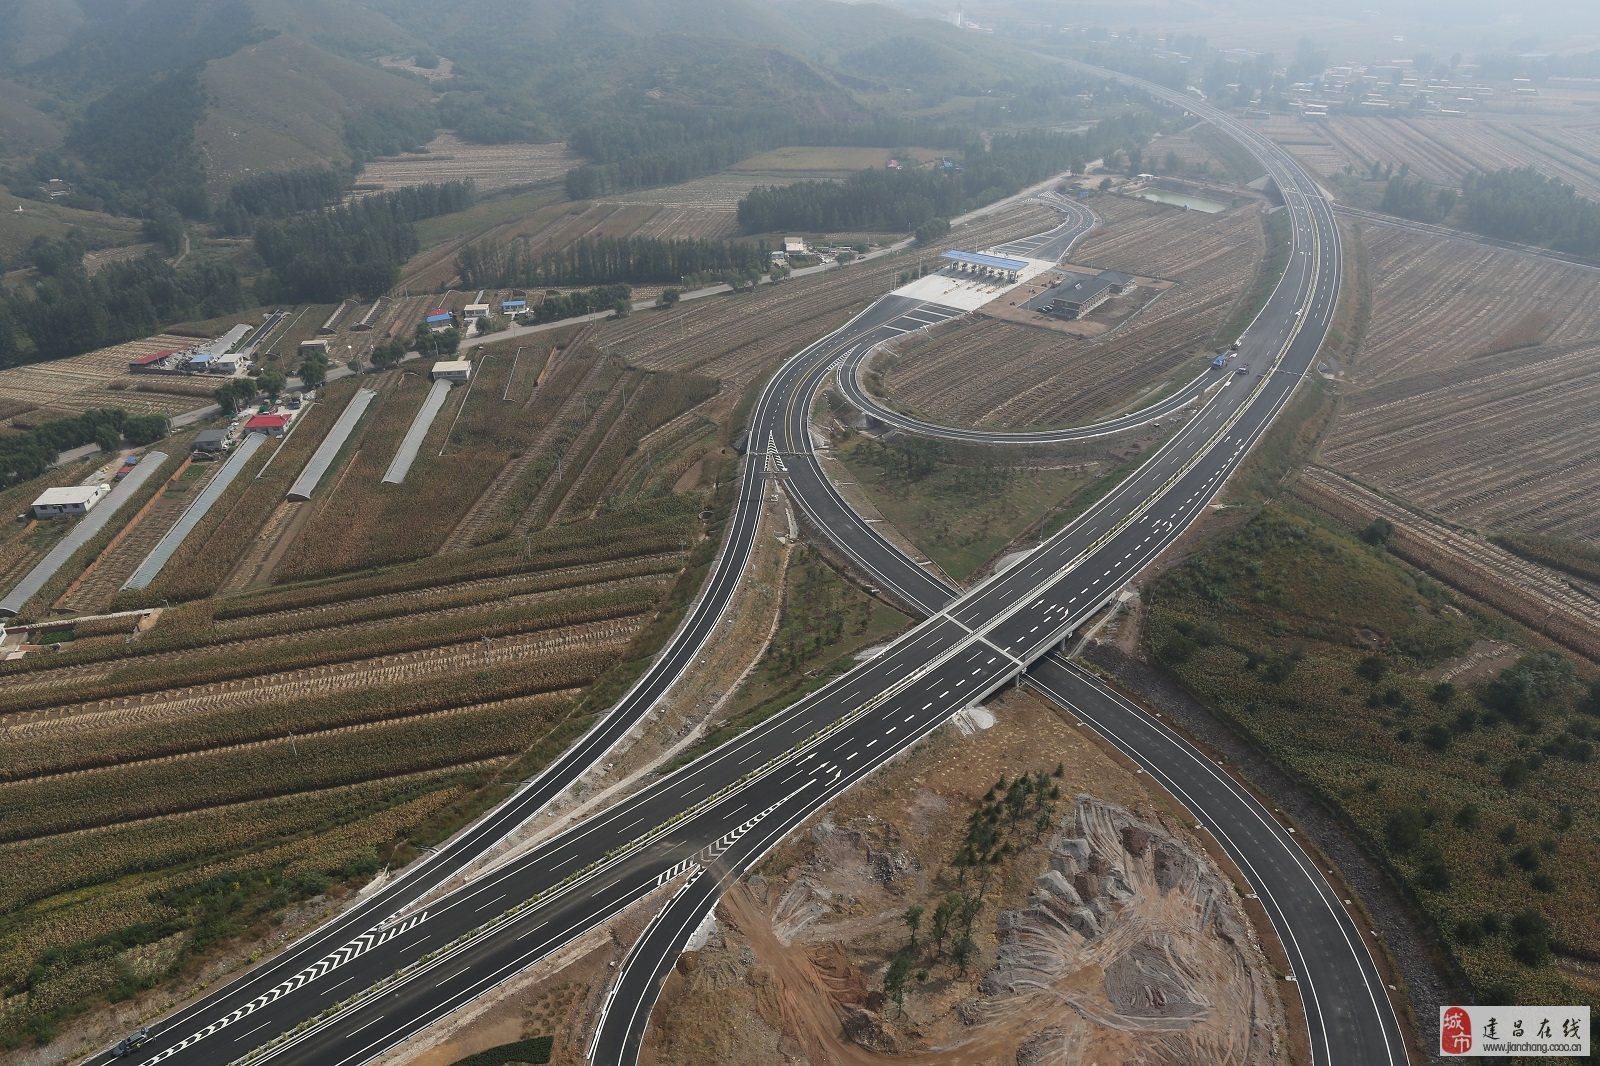 建兴高速公路航拍图_建昌焦点_建昌论坛_建昌在线